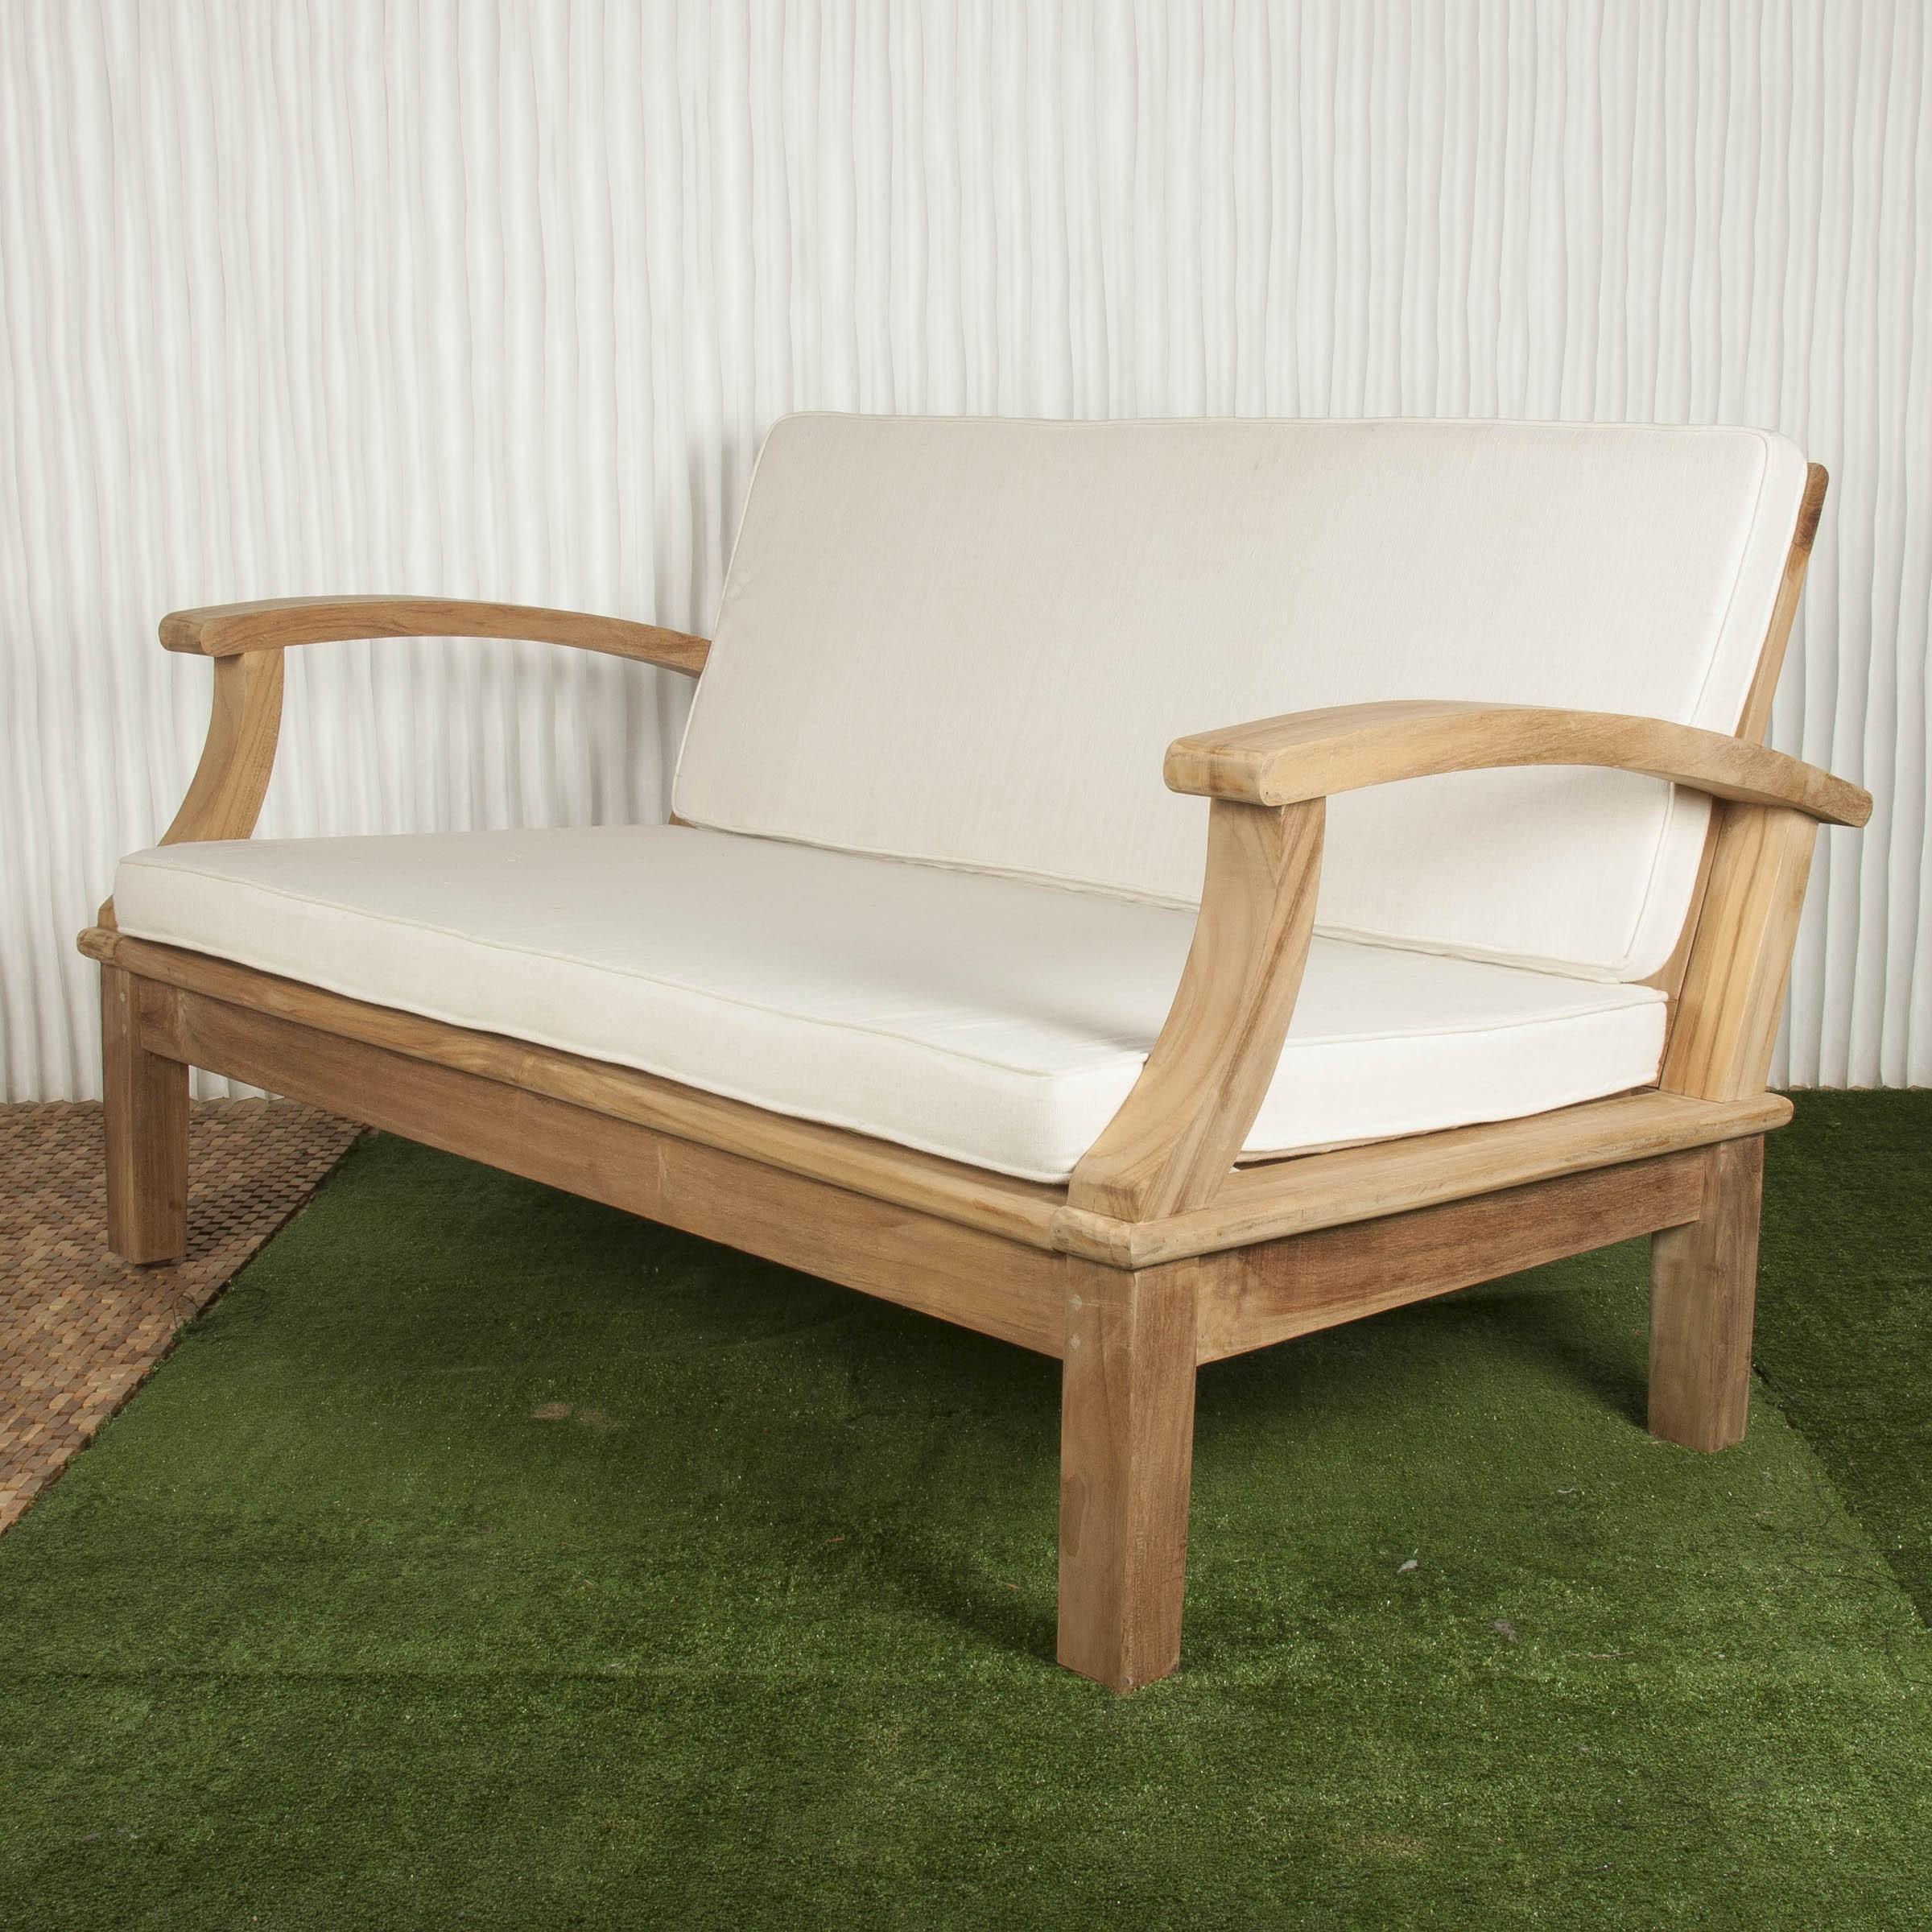 Sofas De Exterior Bqdd sofà Exterior Y sofà De Madera Batavia